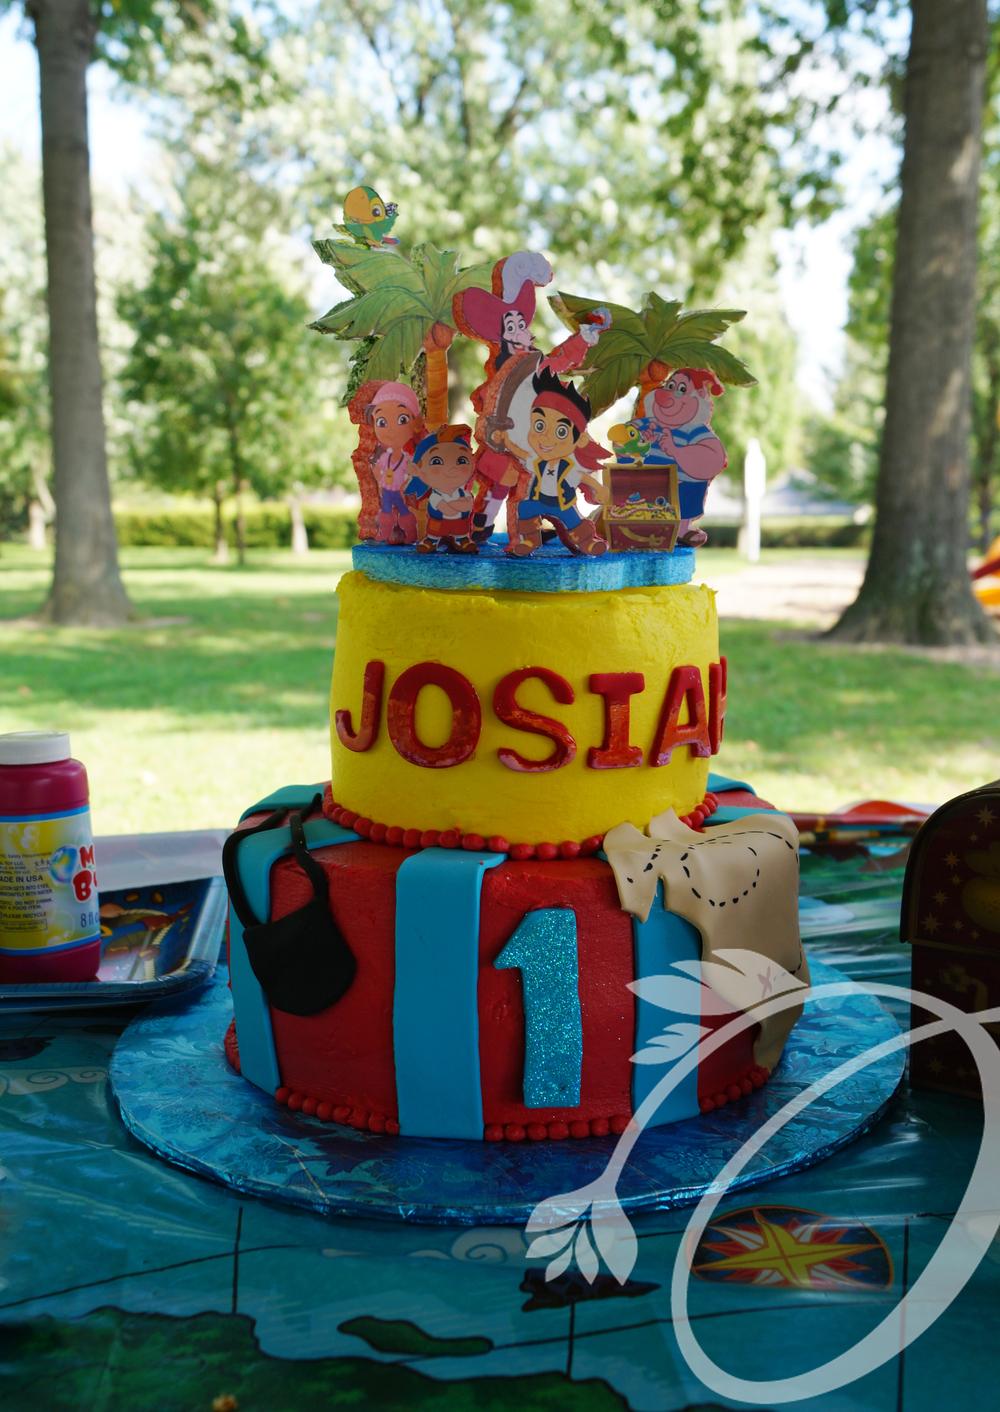 Josiahs Cake.jpg